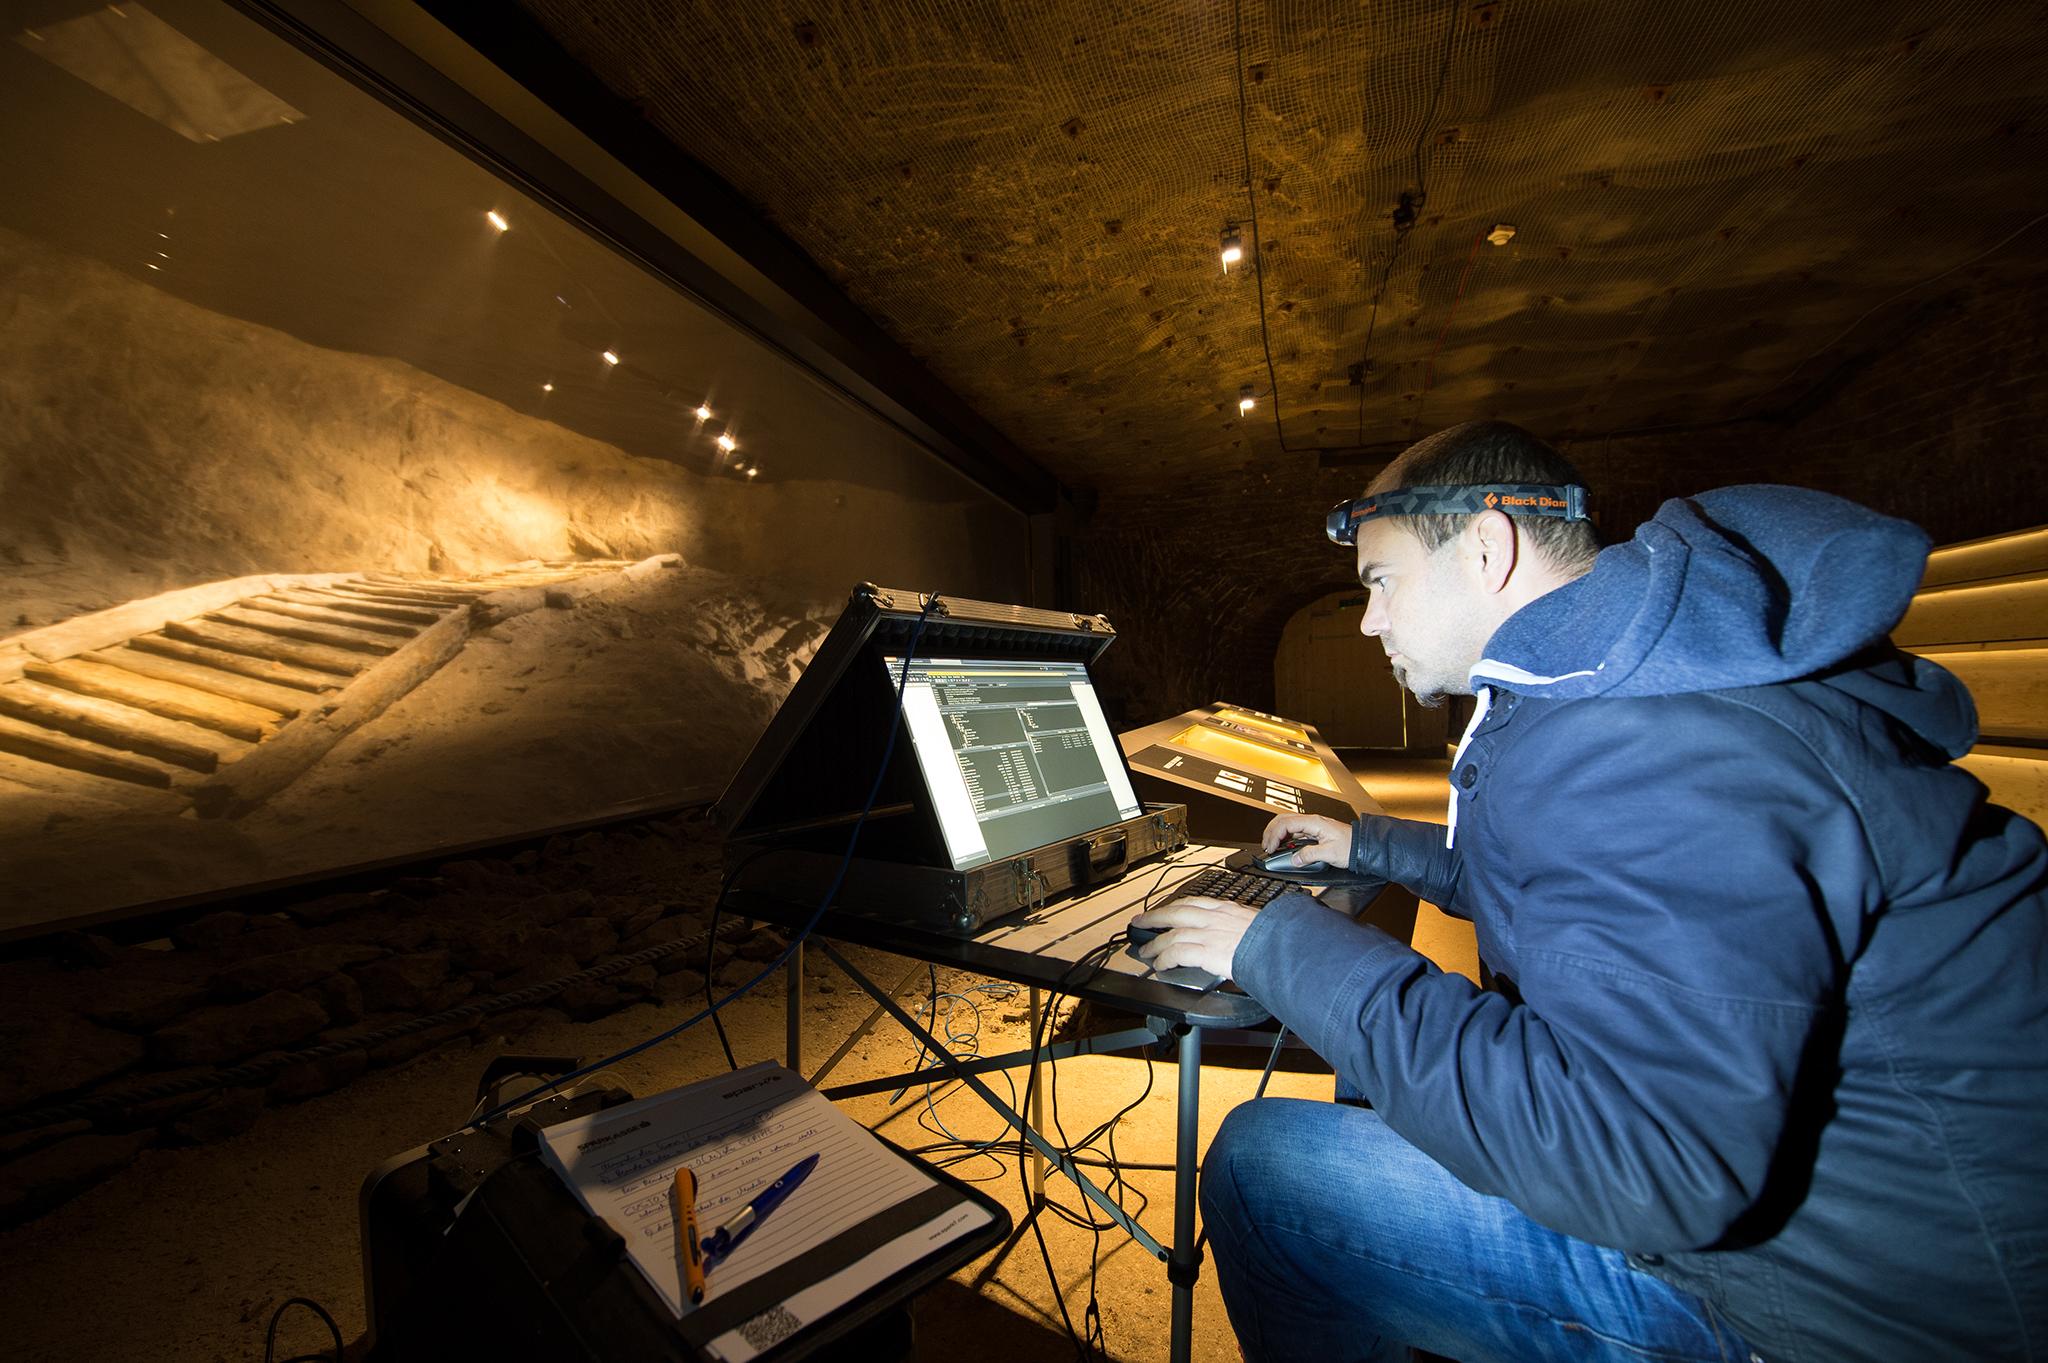 Система управления шоу, медиасистема, а также проекционный экран австрийской компании AV Stumpfl были использованы для реализации проекта «Кино бронзового века». Оборудование было инсталлировано в известной соляной шахте Salzwelten в Австрии. При этом помимо экрана в качестве холста для проекции также служит естественная известняковая скала.